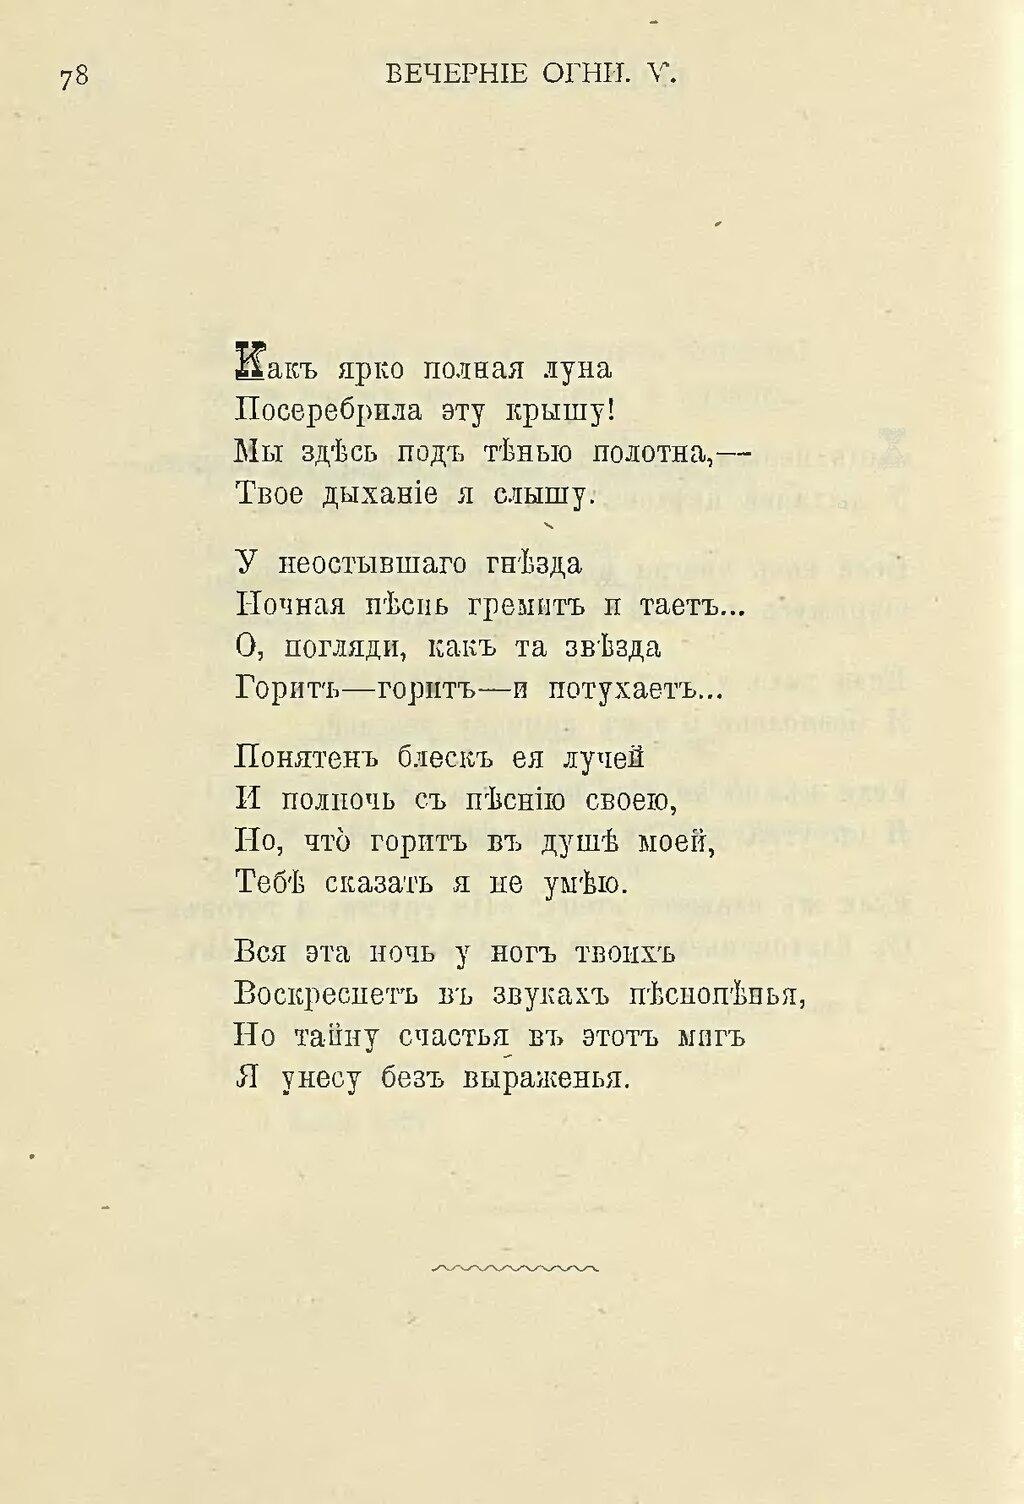 Сборник стихотворений фета скачать pdf